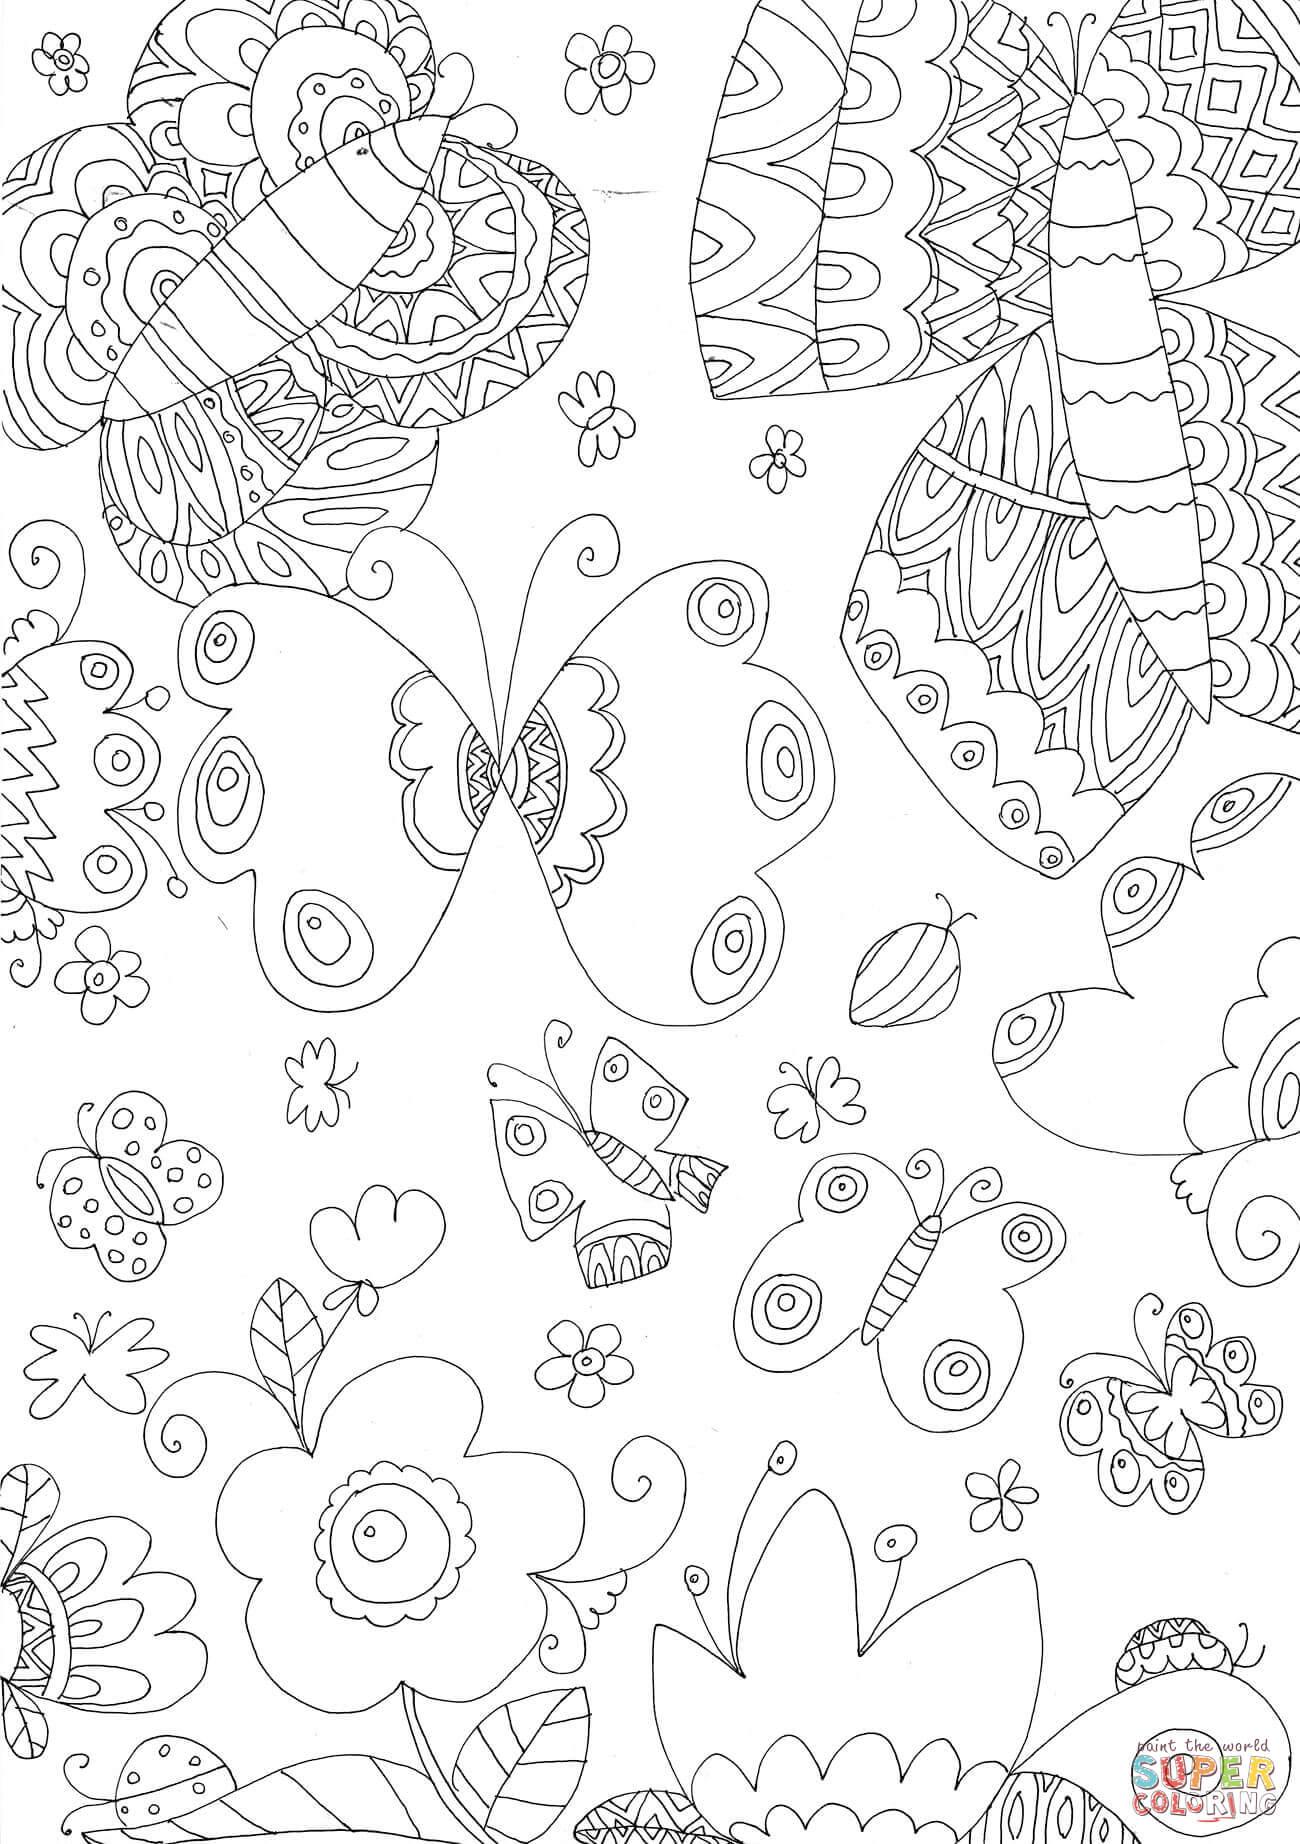 Juegos De Colorear Mariposas. Perfect Sentosphere